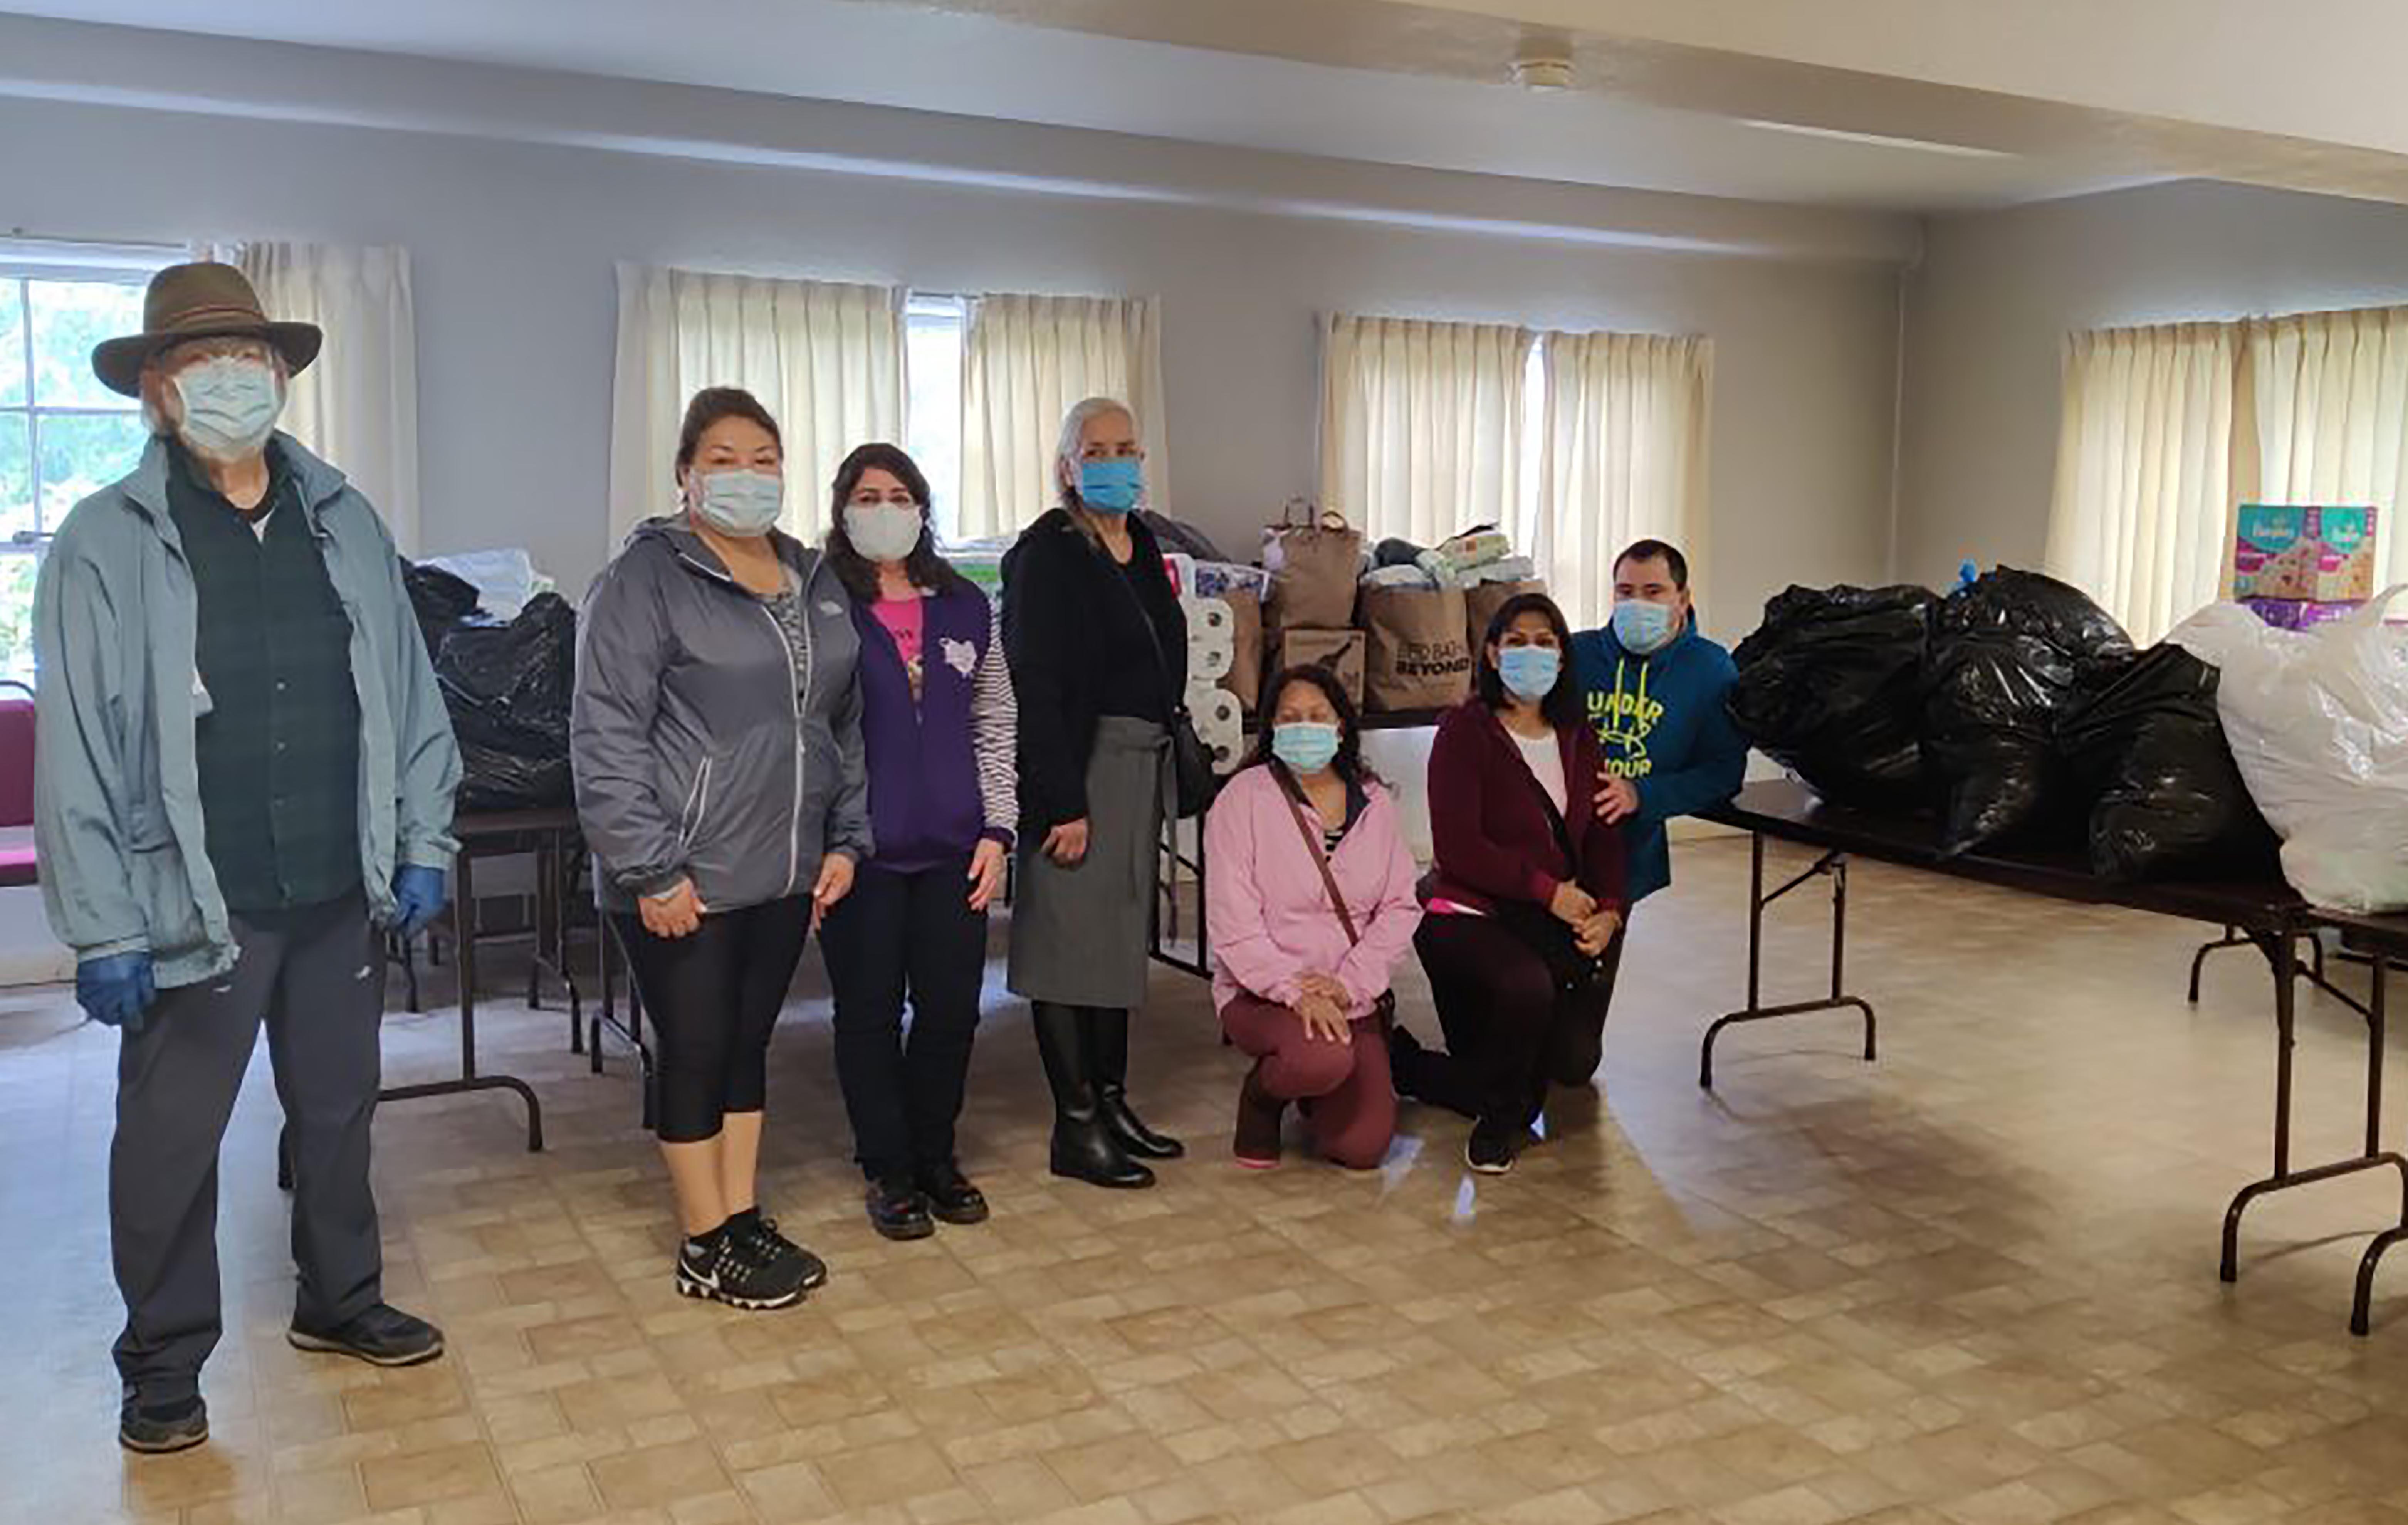 Membros da IMU de Aloha na Conferência Oregon-Idaho coletaram kits de higiene e outros itens para Las Naciones IMU em Salem para distribuir aos trabalhadores migrantes deslocados de suas casas durante os incêndios florestais.